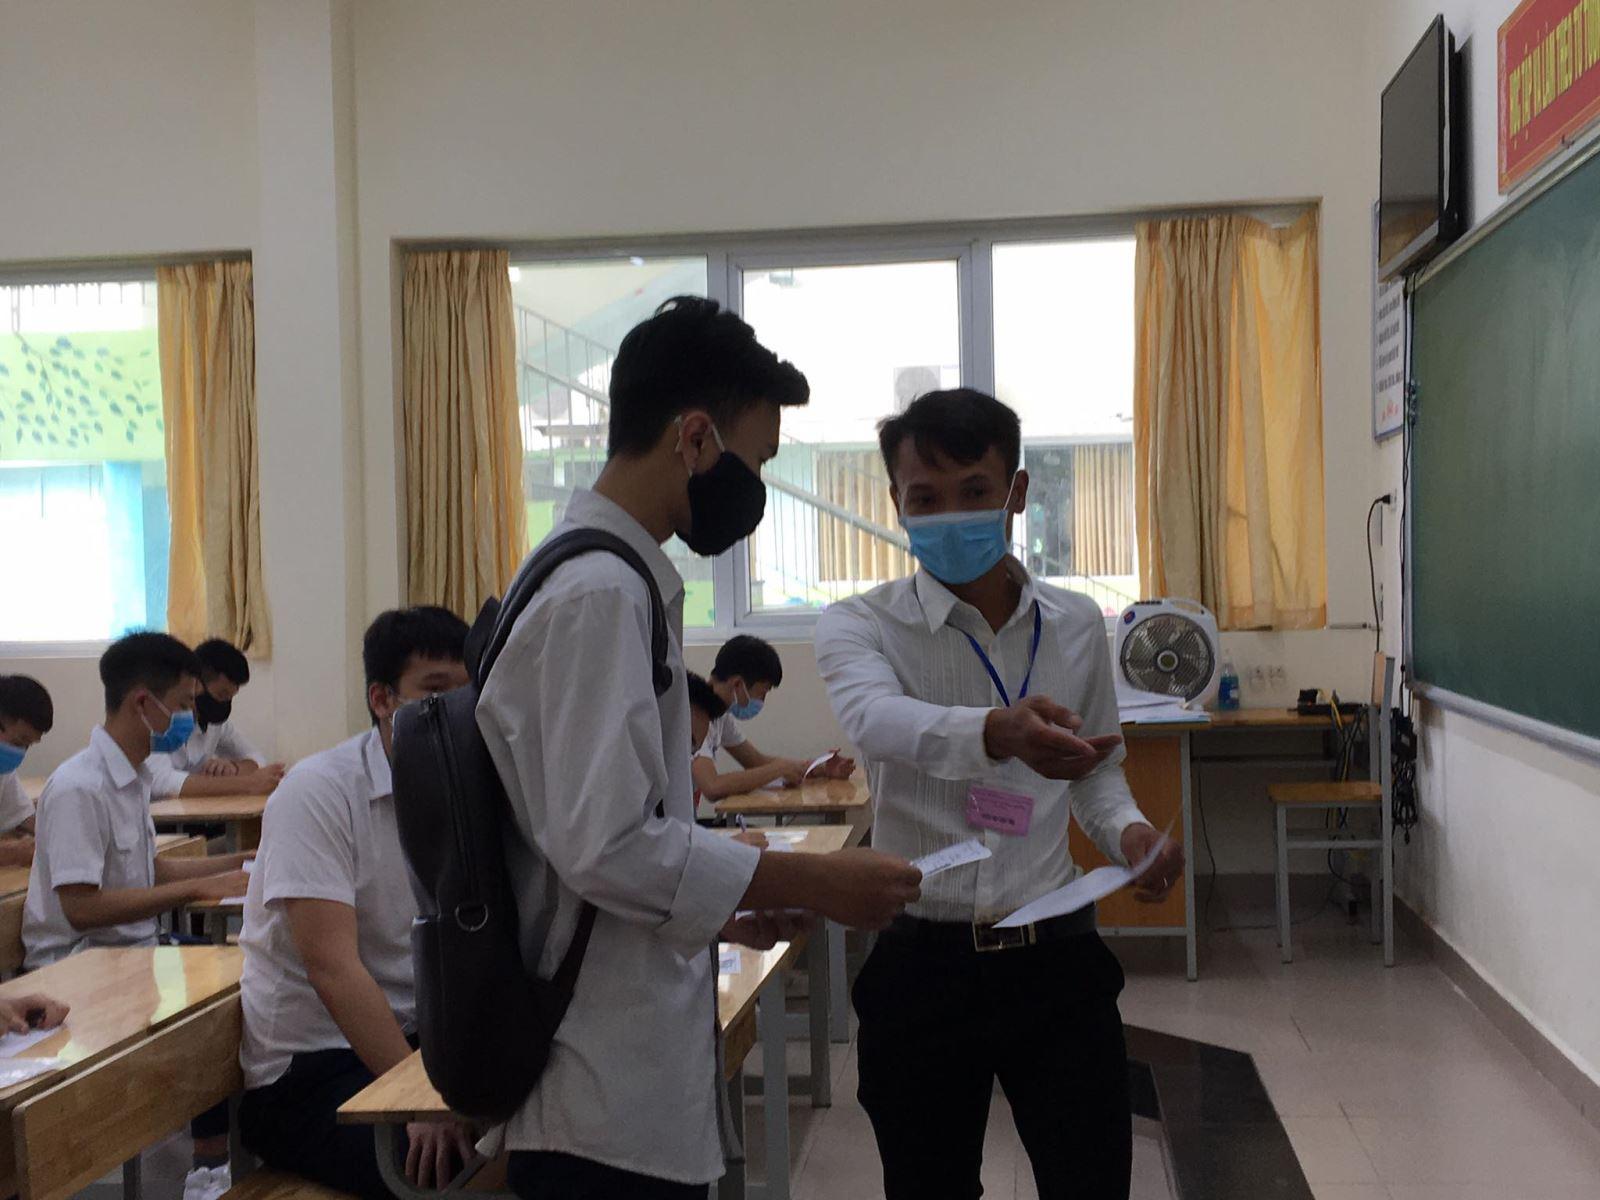 13 thí sinh bị đình chỉ sau ngày đầu tiên của kỳ thi tốt nghiệp THPTT 2020 - Ảnh 1